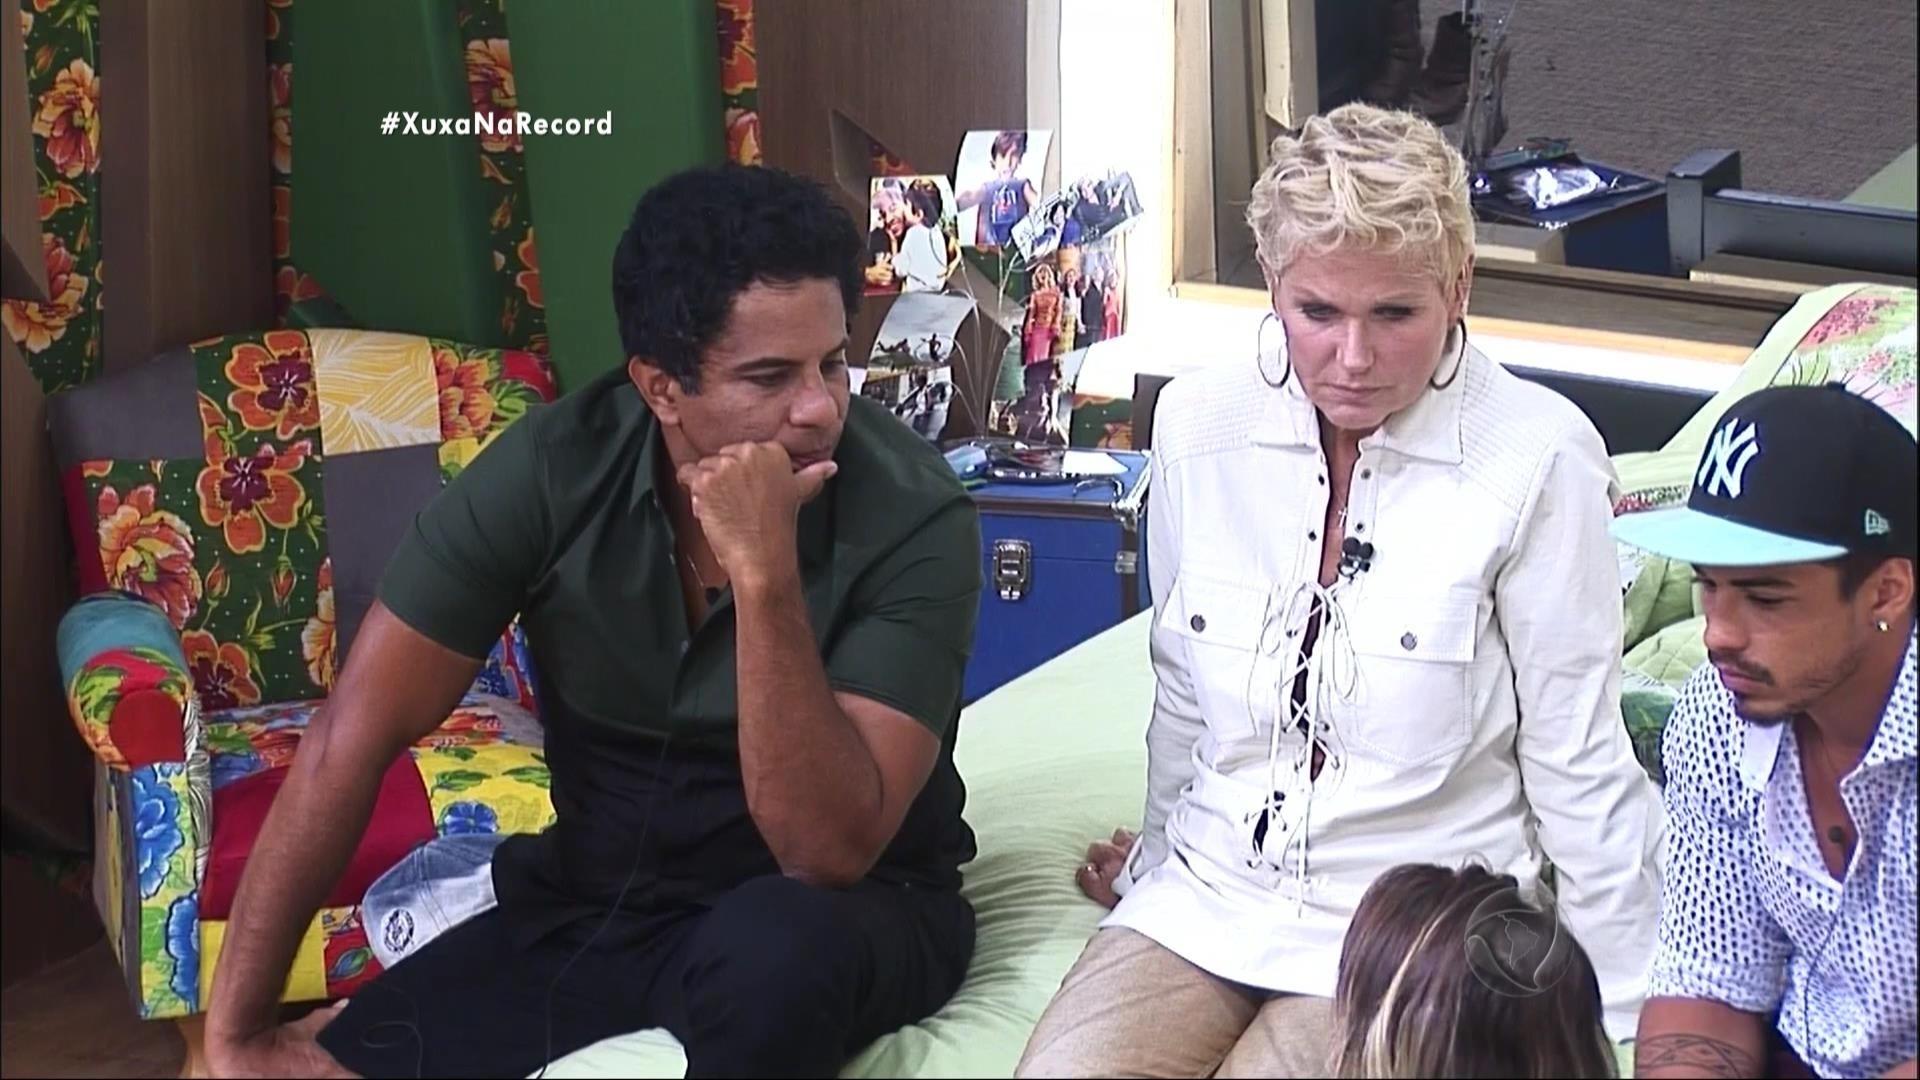 7.dez.2015 - Depois de conversar com os peões, Xuxa disse que tinha uma surpresa para eles